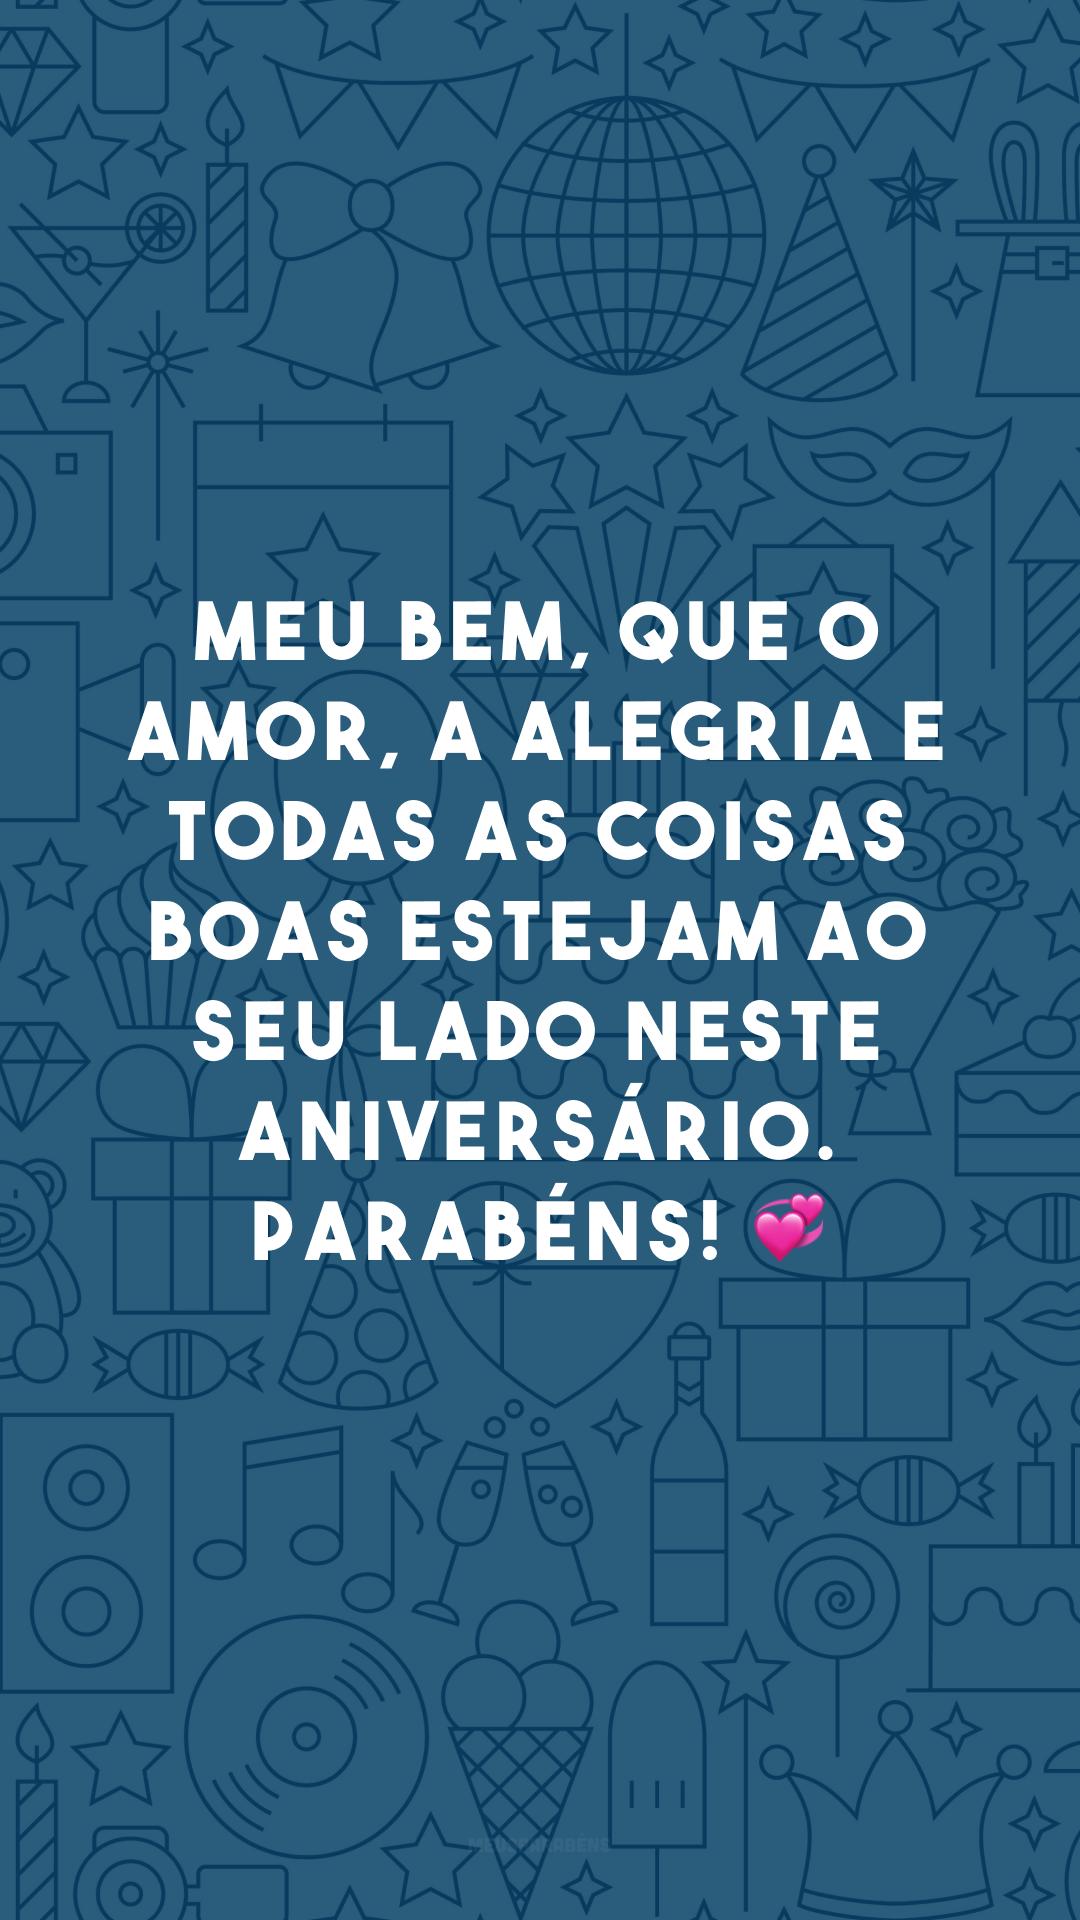 Meu bem, que o amor, a alegria e todas as coisas boas estejam ao seu lado neste aniversário. Parabéns! 💞